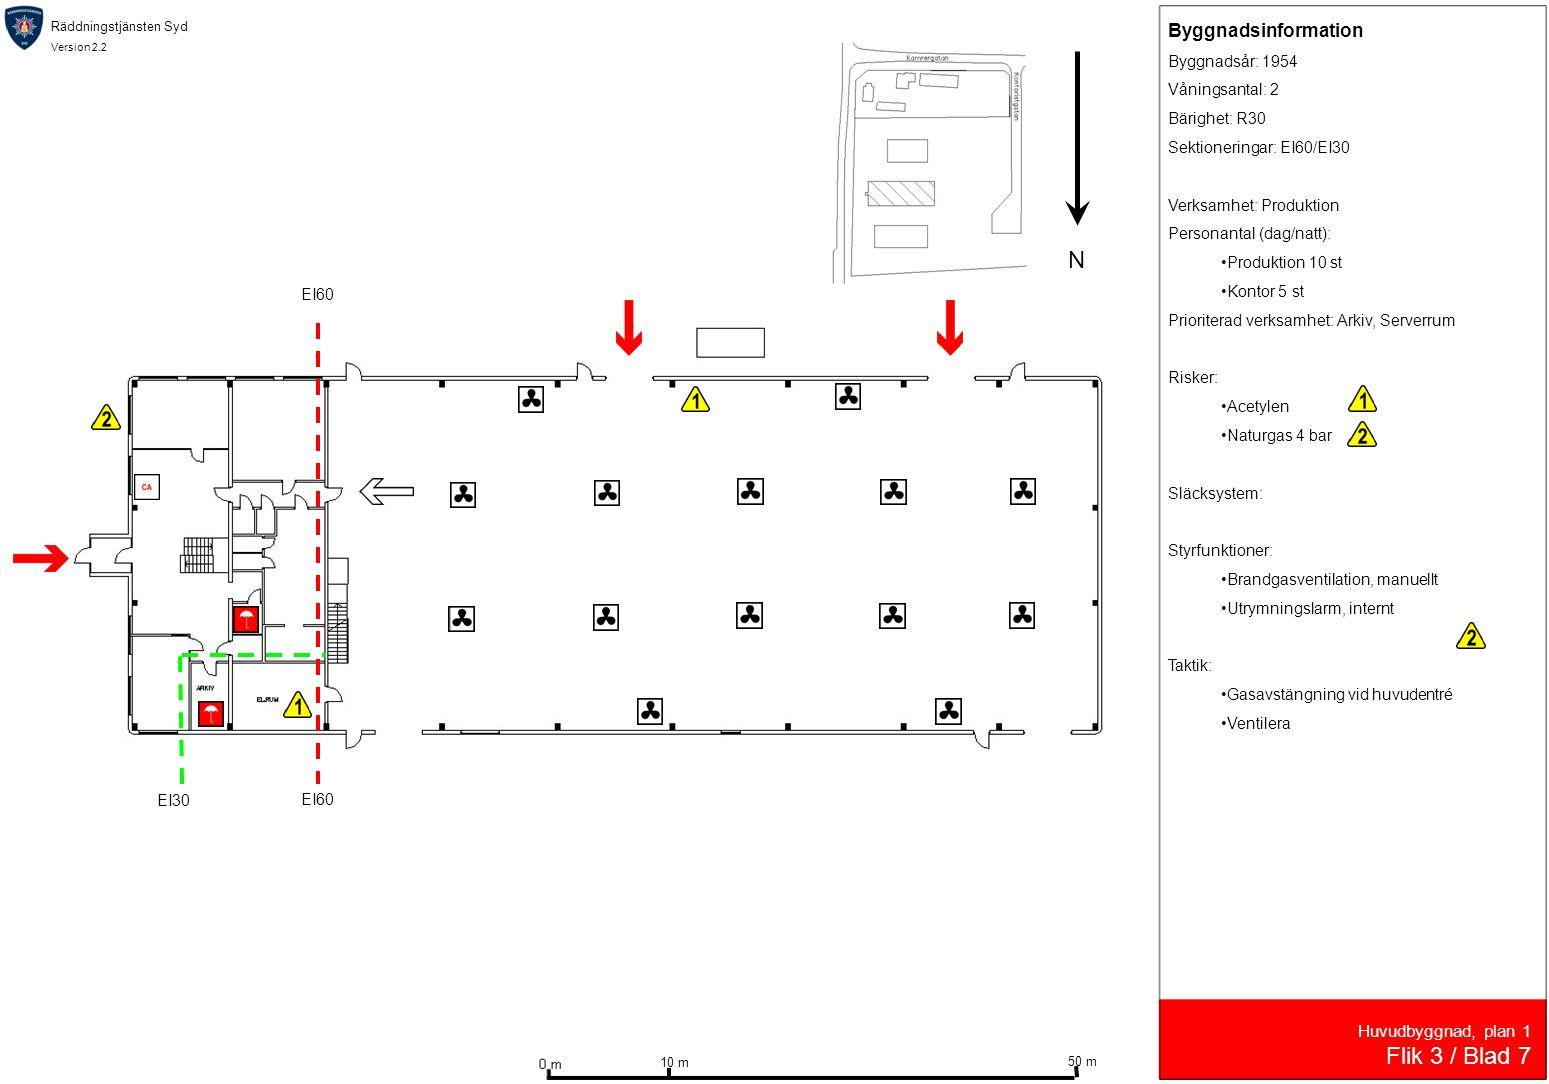 Räddningstjänsten Syd Version 2.2 Huvudbyggnad, plan 1 Flik 3 / Blad 7 Byggnadsinformation Byggnadsår: 1954 Våningsantal: 2 Bärighet: R30 Sektionering